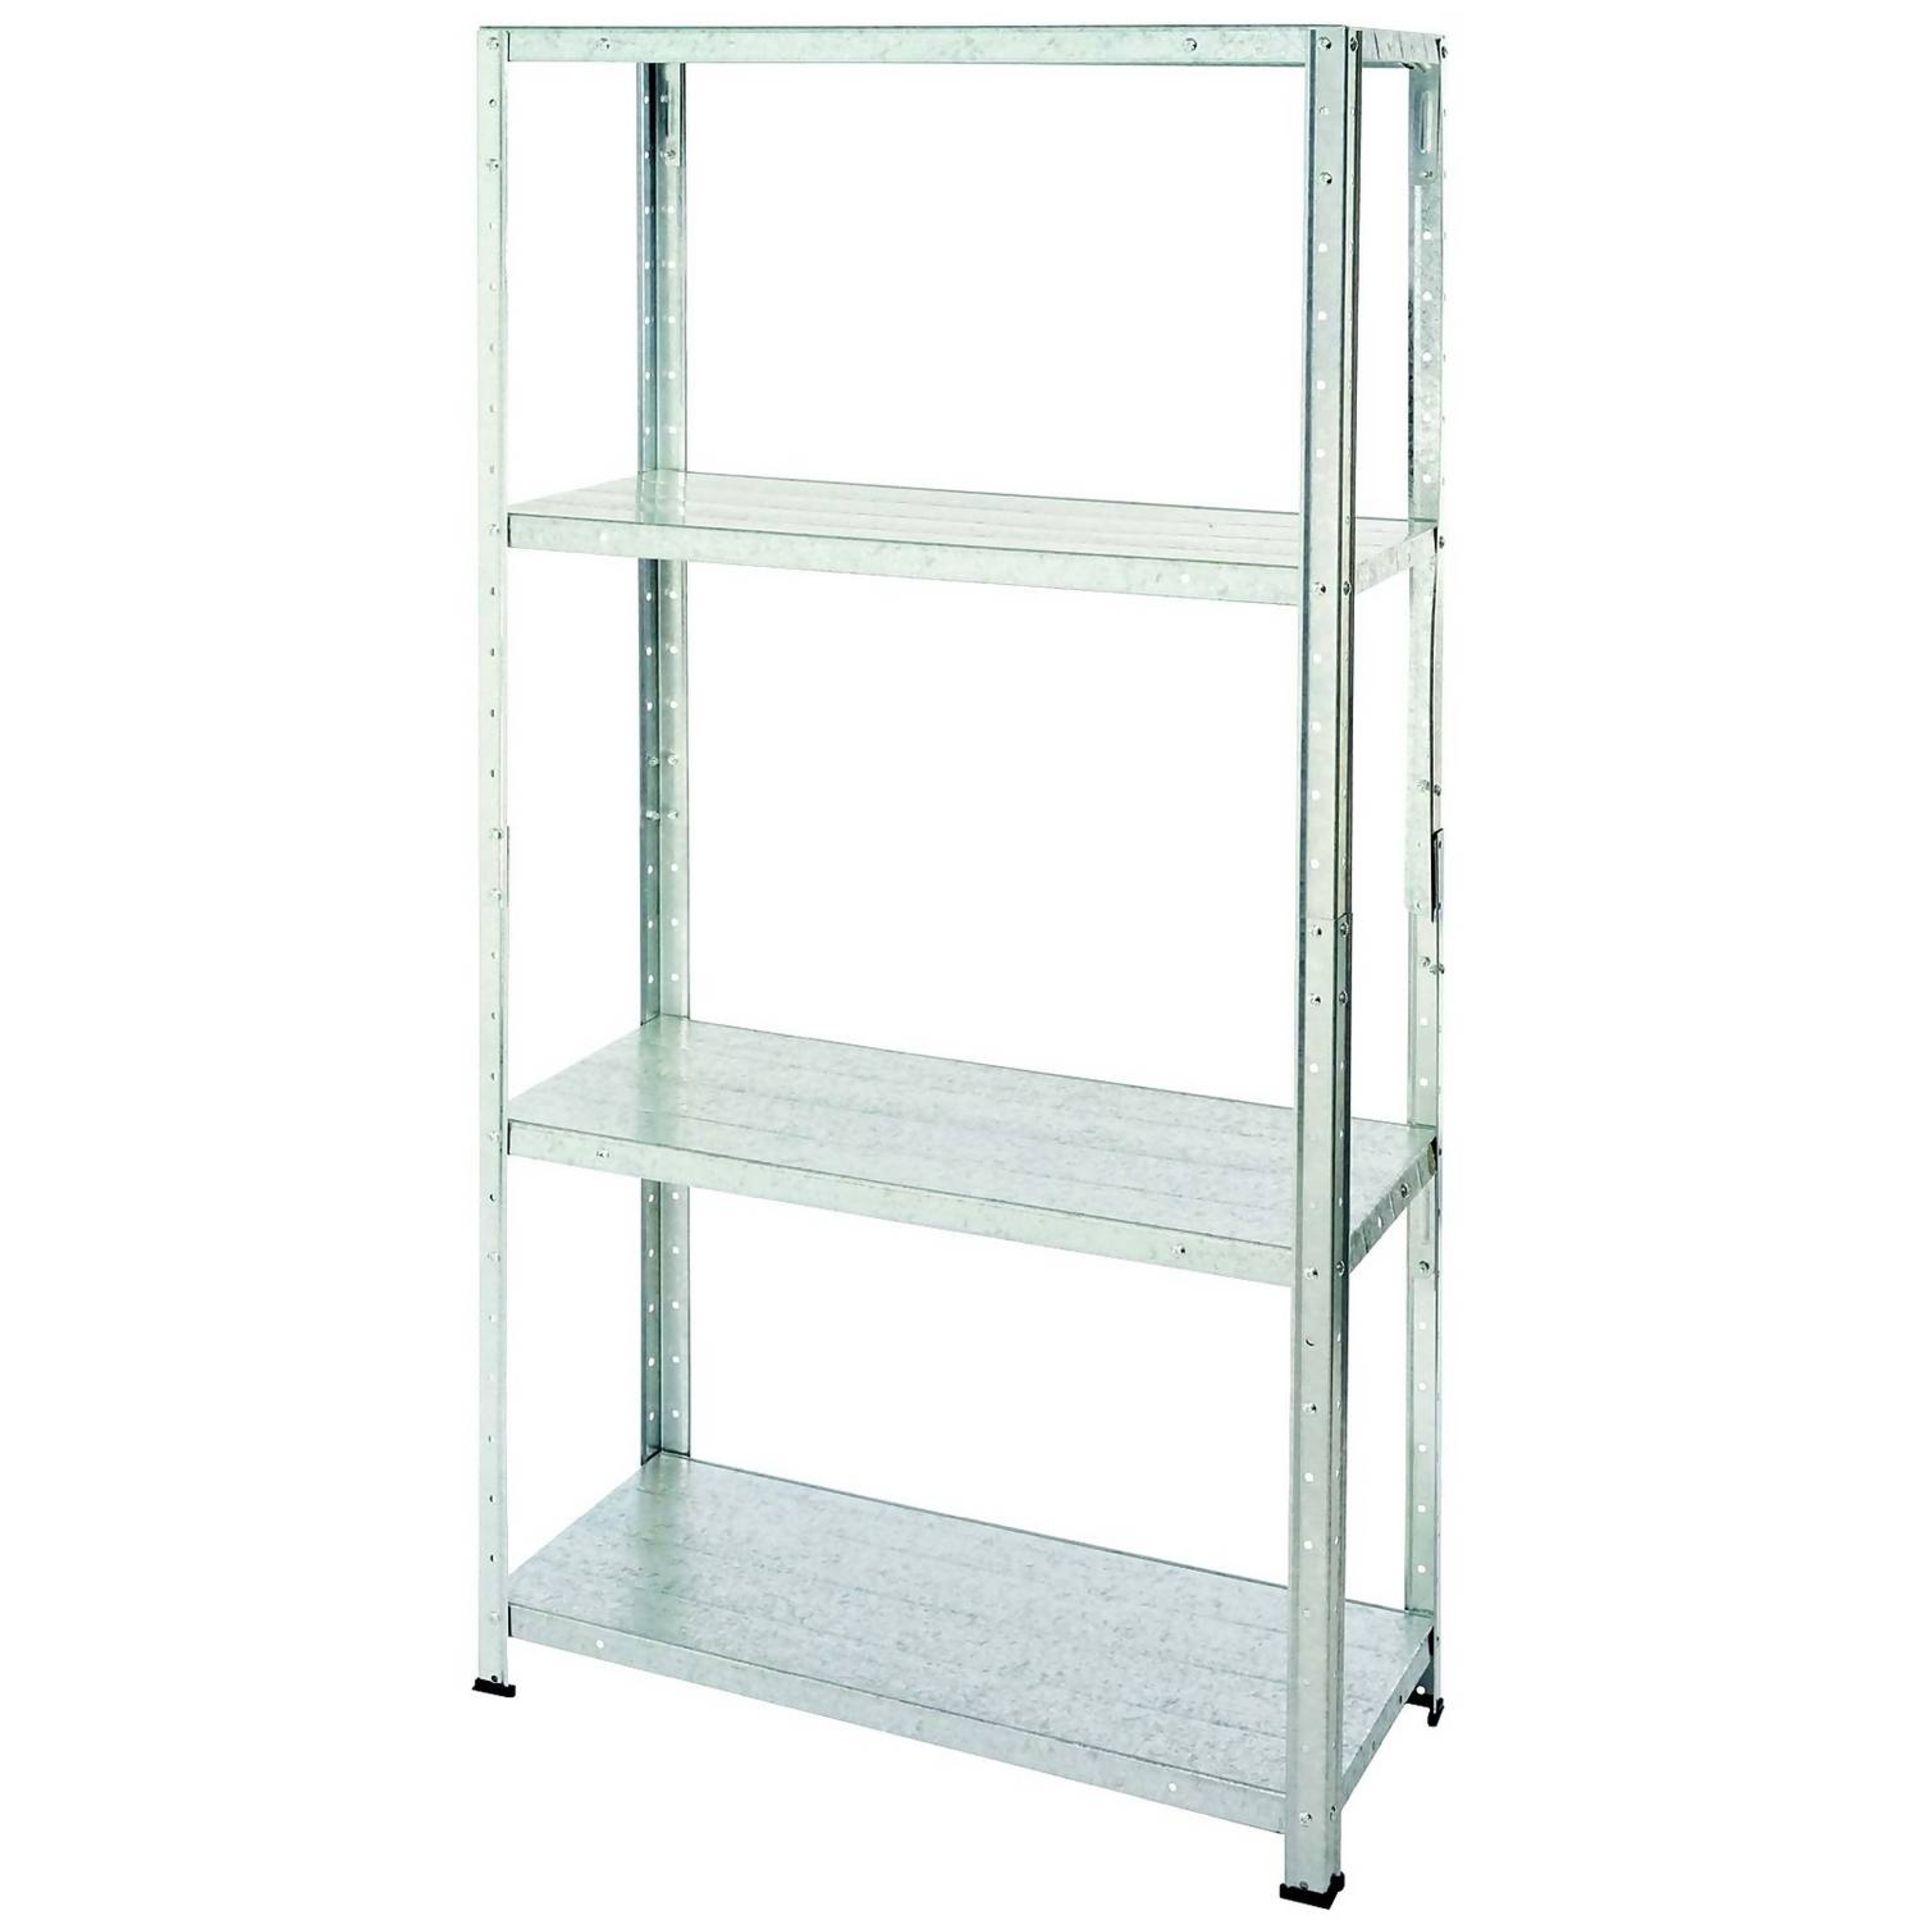 (3A) 3x Handy Storage Storage Unit Metal 4 Shelf (H1370x W710x D305mm) - Image 2 of 3